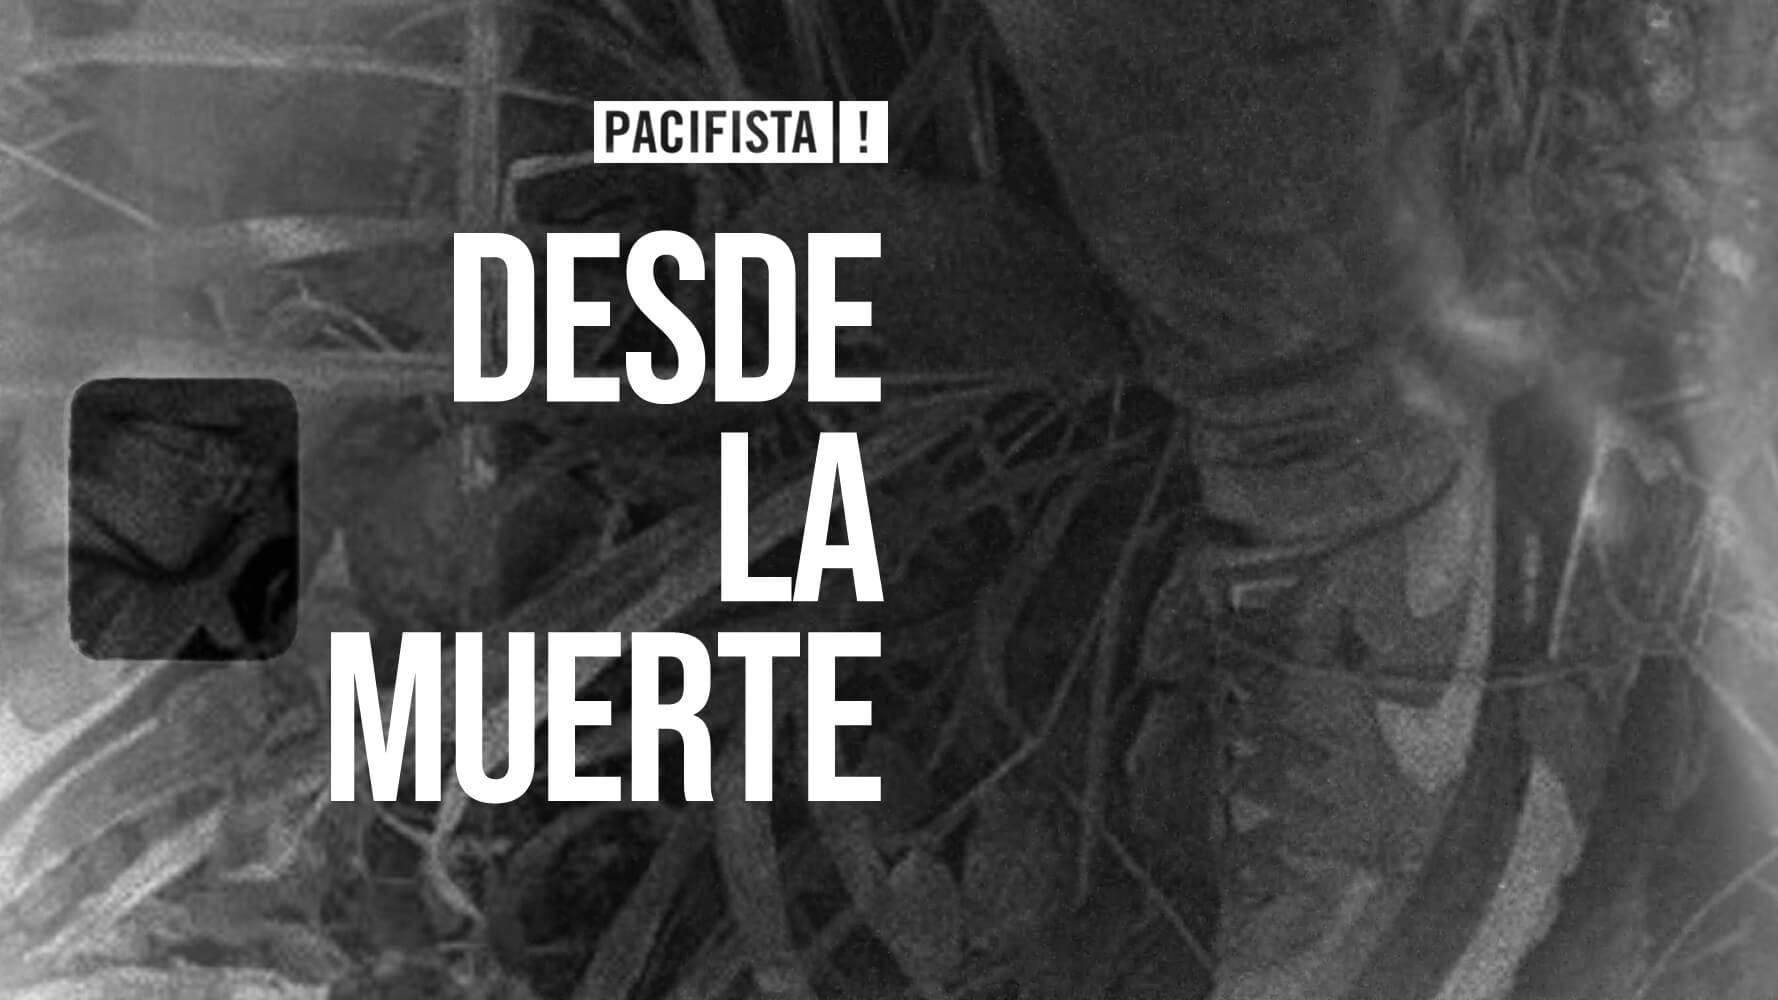 PACIFISTA! presenta: Desde la muerte